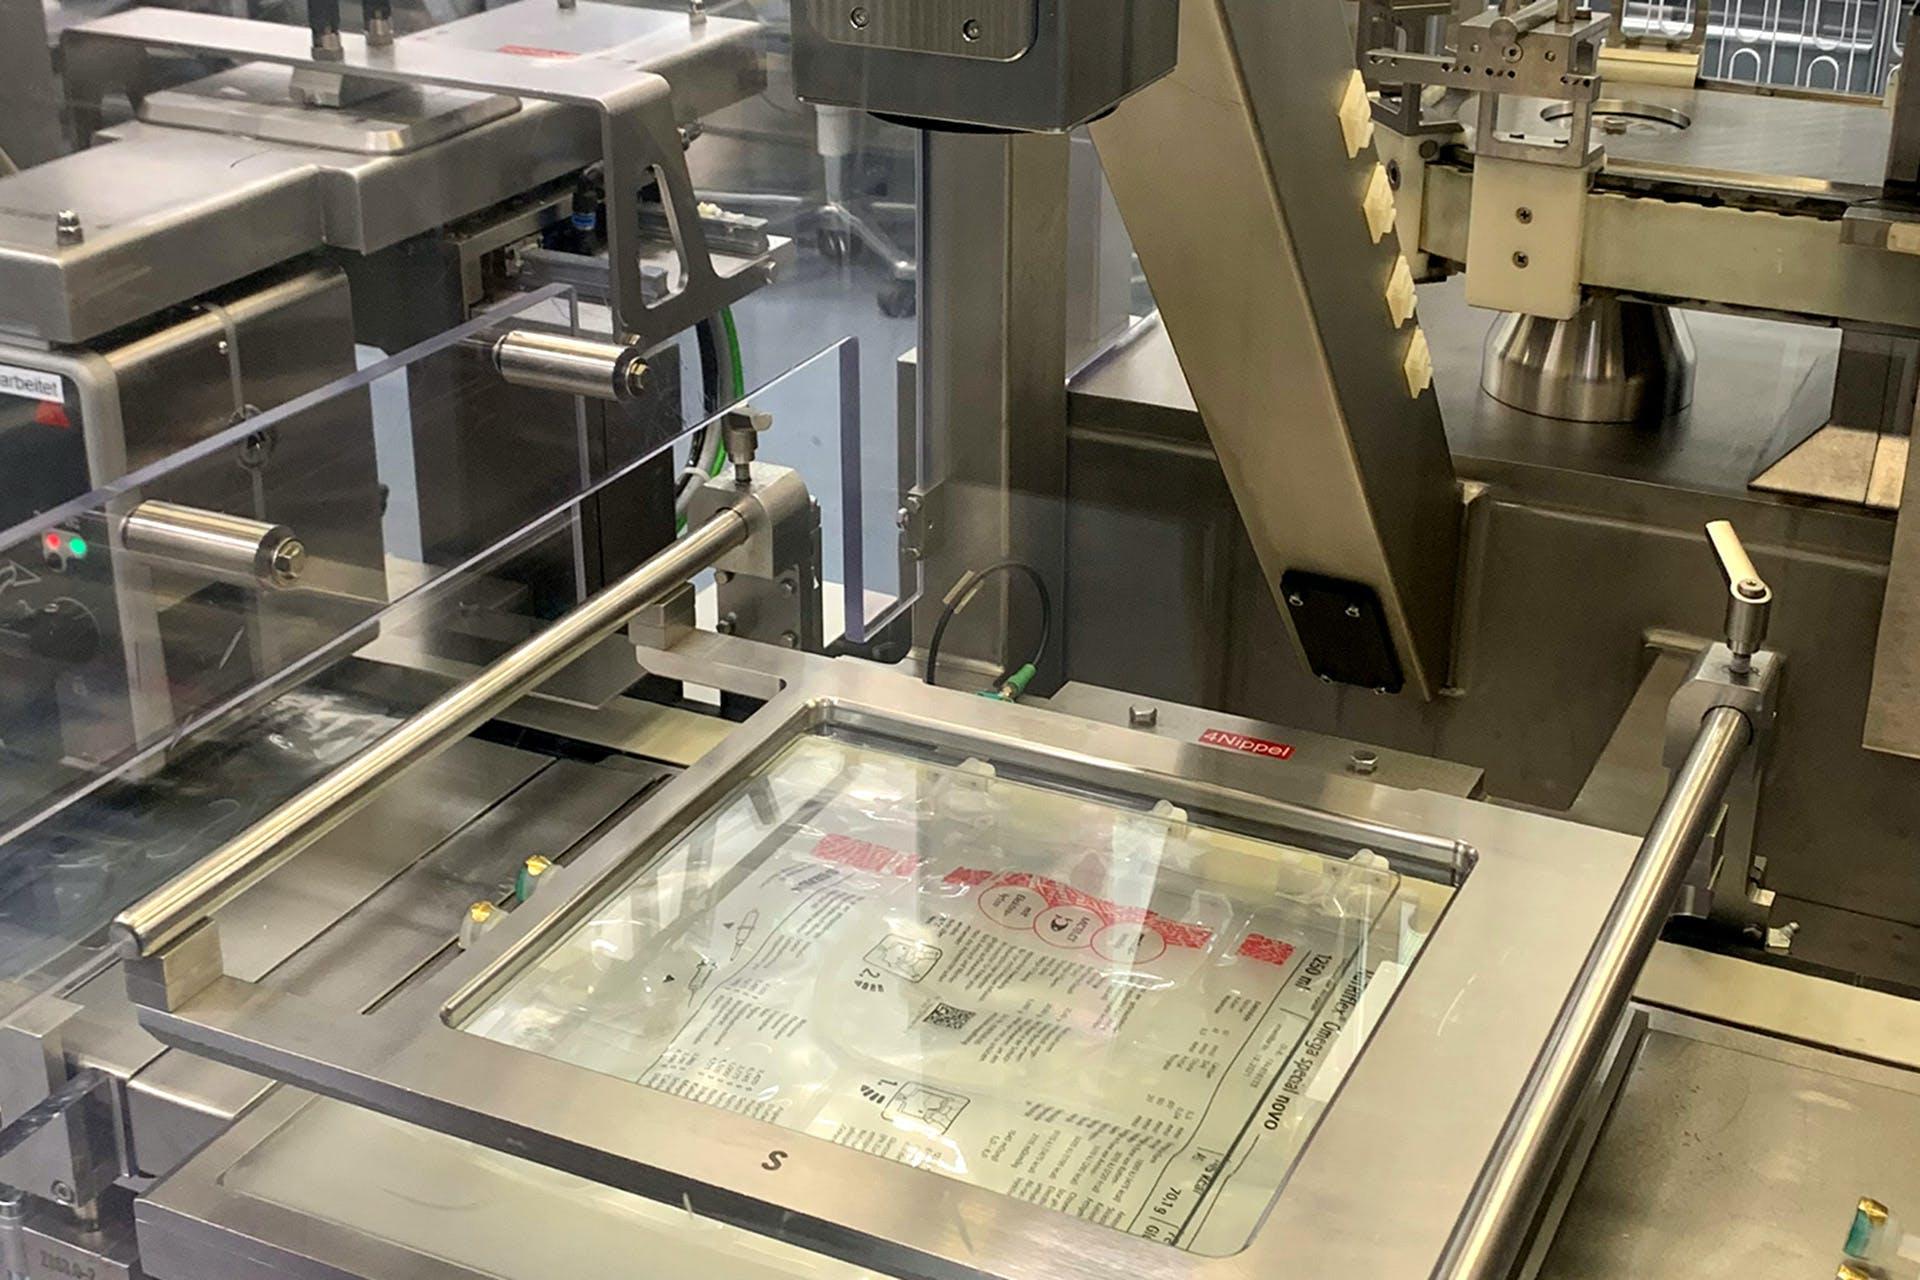 Qualitätsprüfung der Infusionsbeutel auf Partikel und Defekte am Beutel